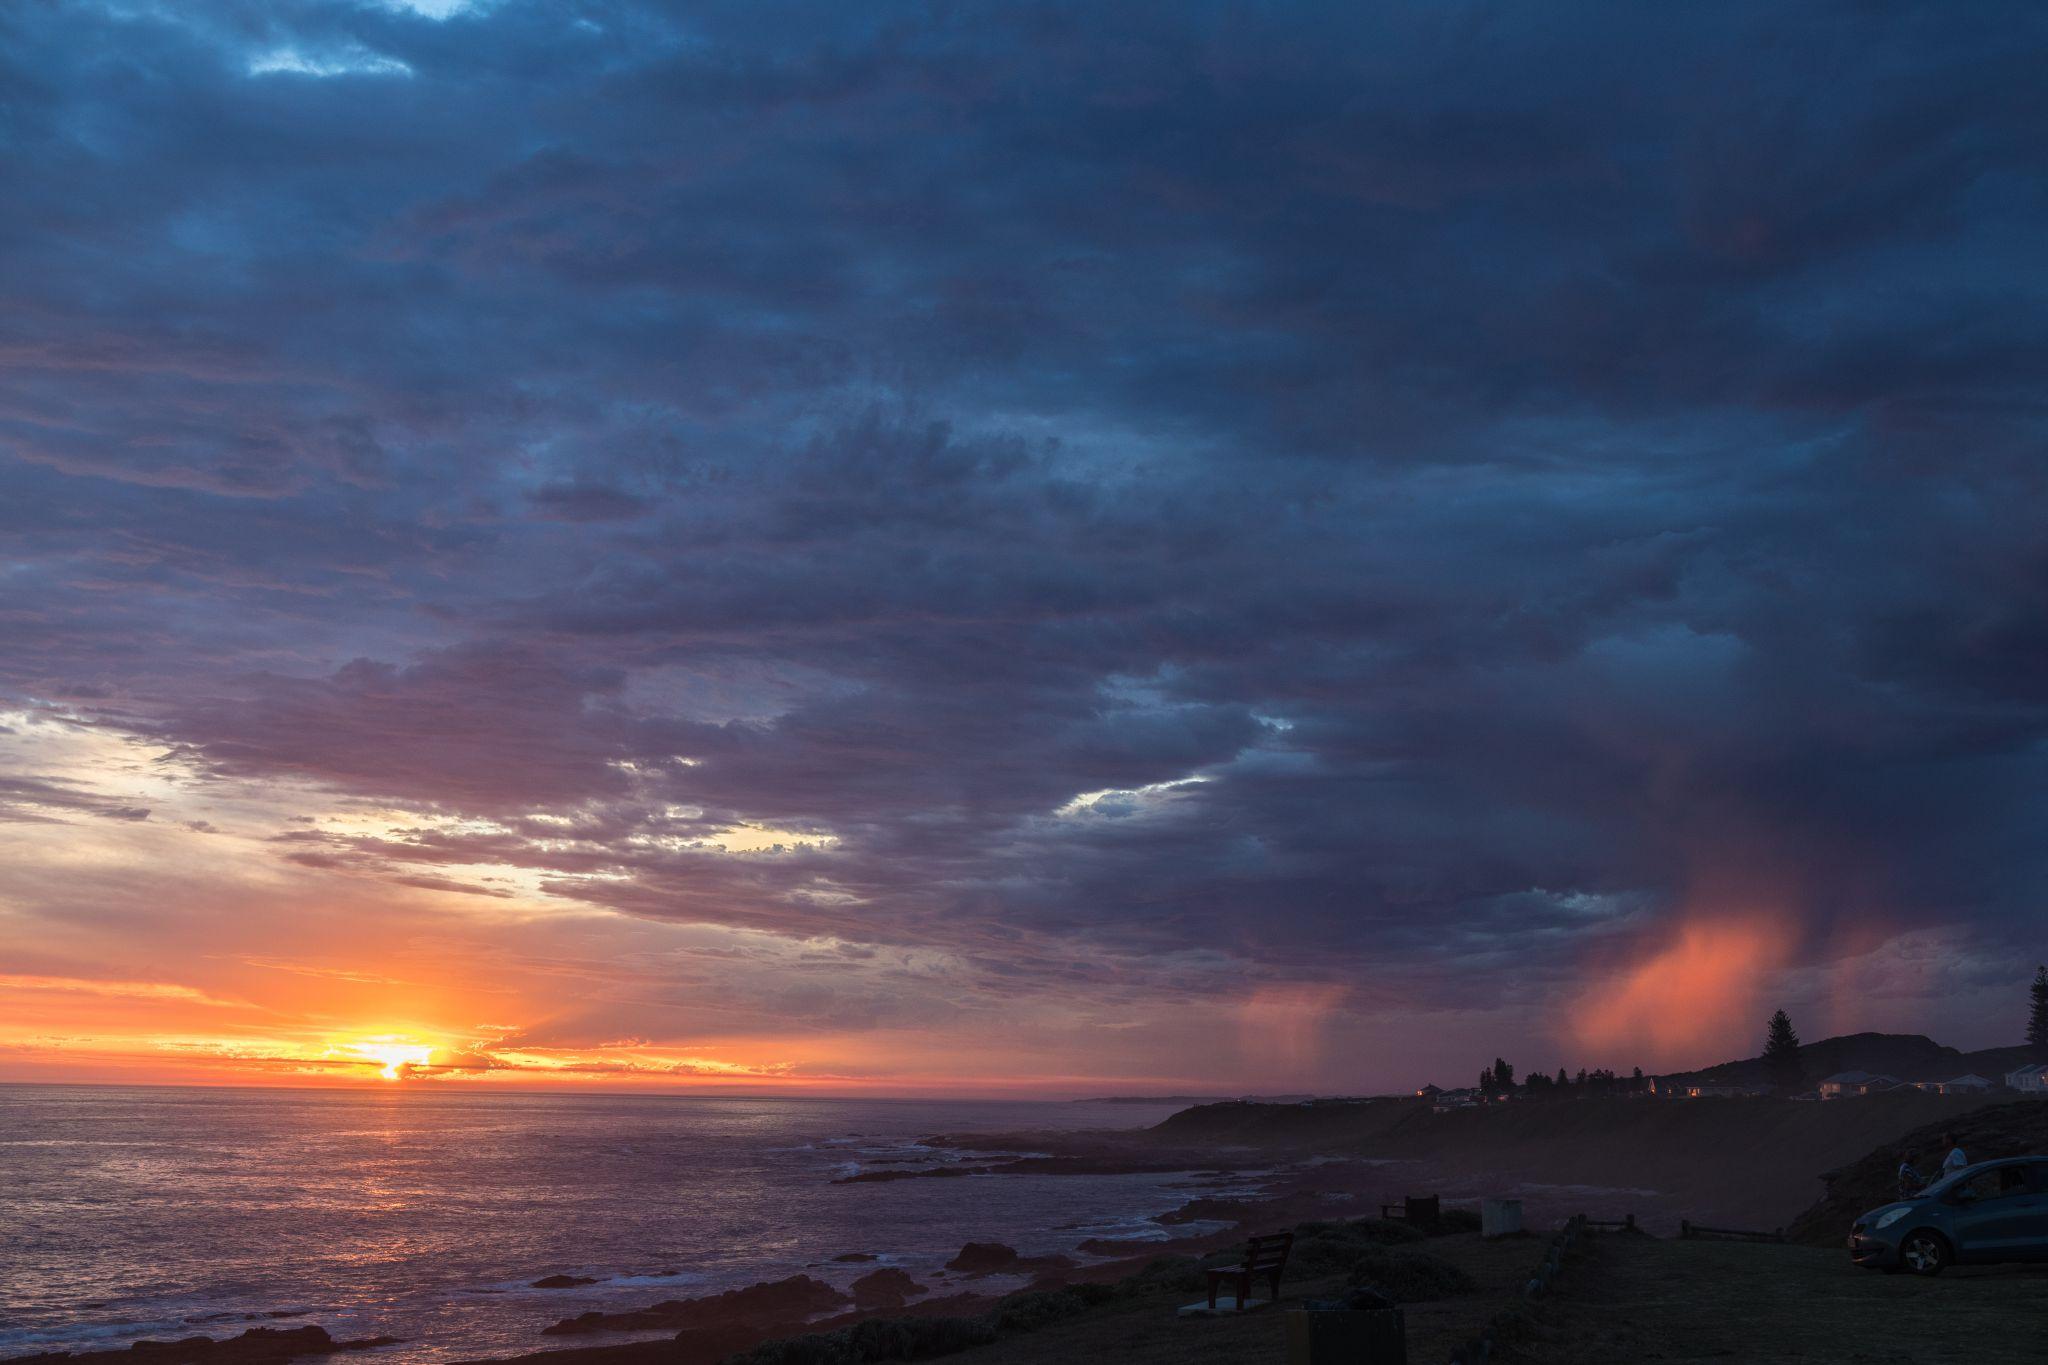 Schoenmakerskop Sunset, South Africa